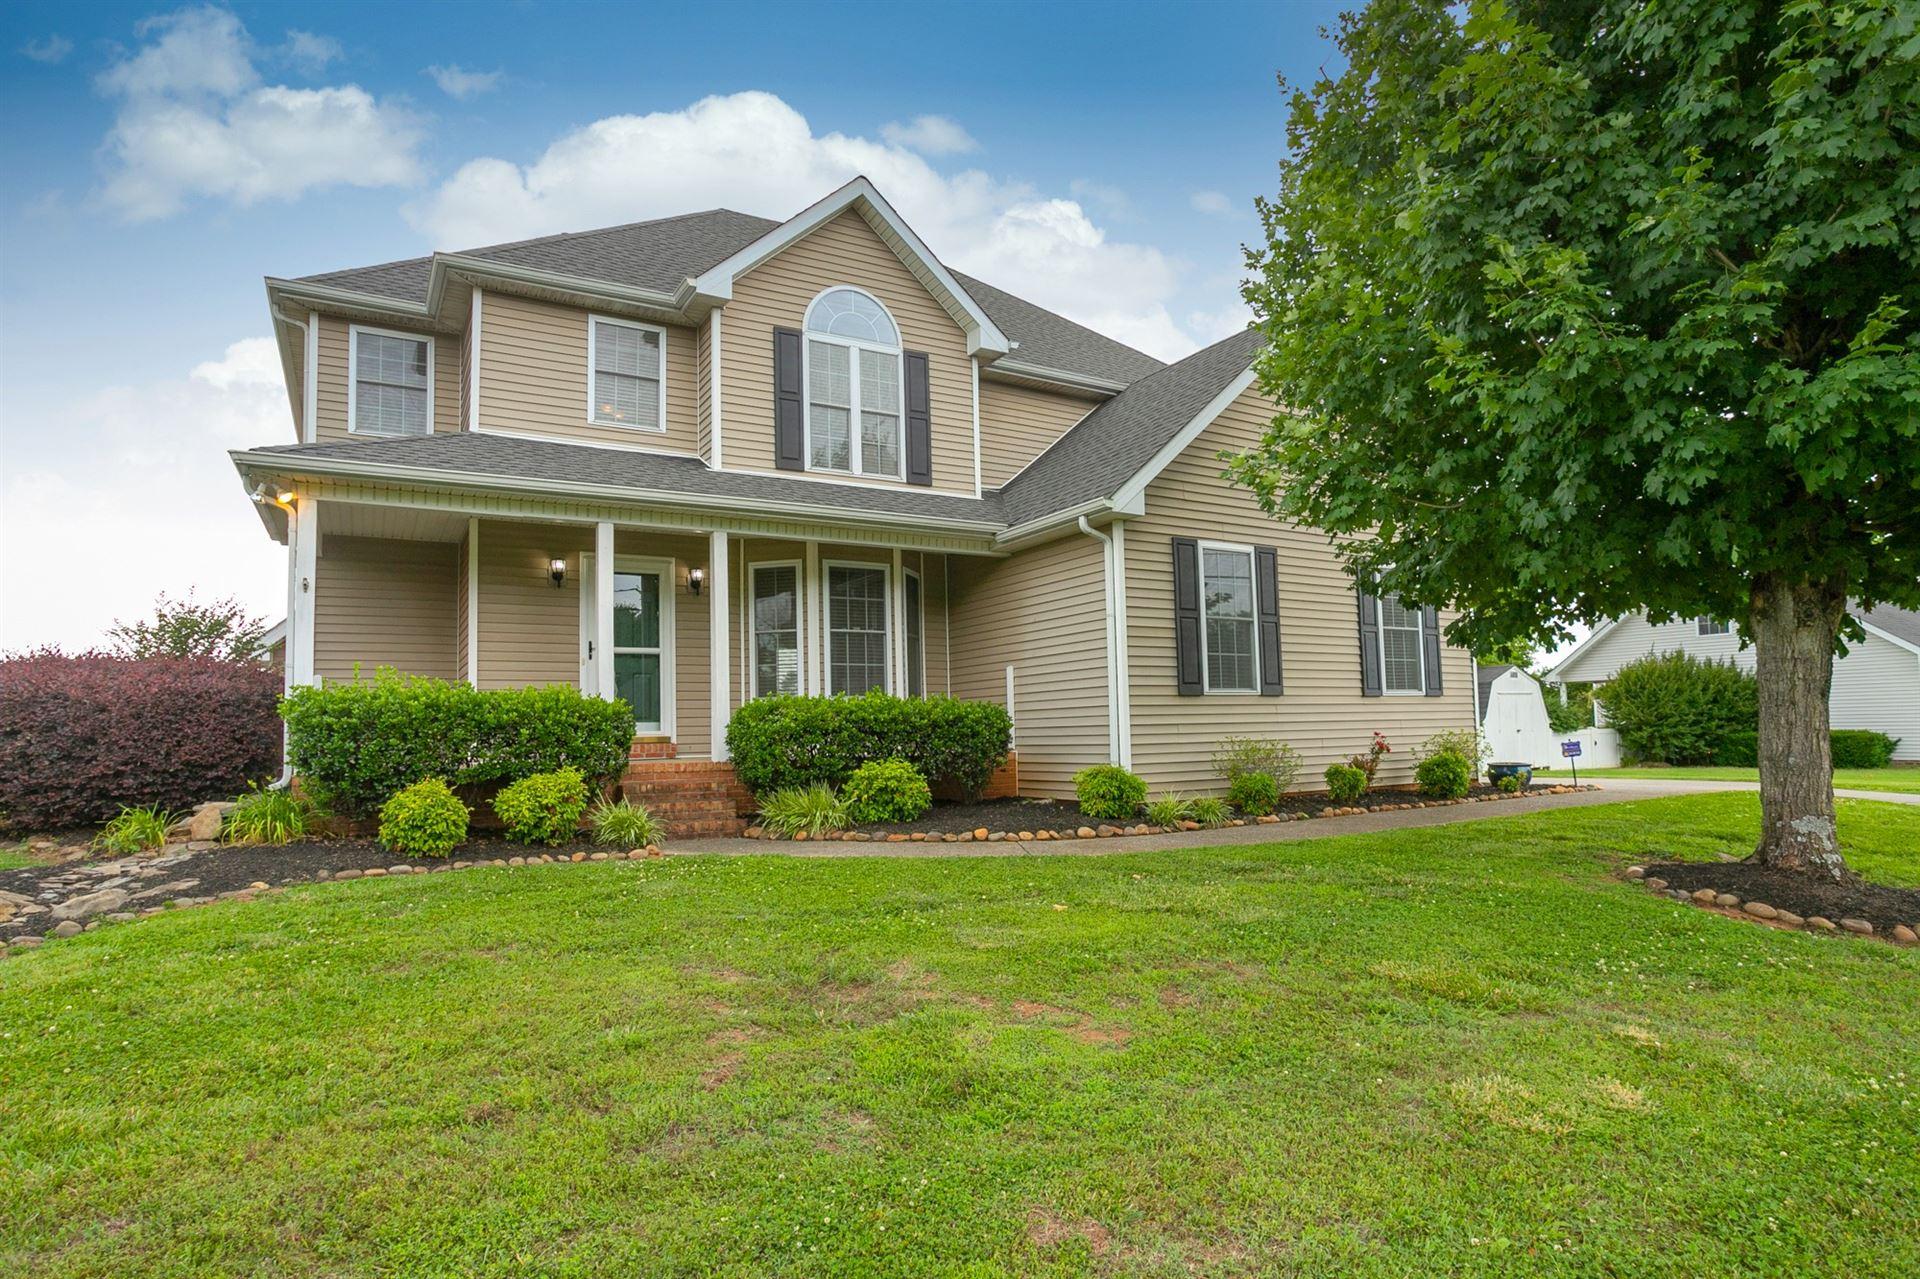 Photo of 3207 Overhill Ct, Murfreesboro, TN 37130 (MLS # 2263335)